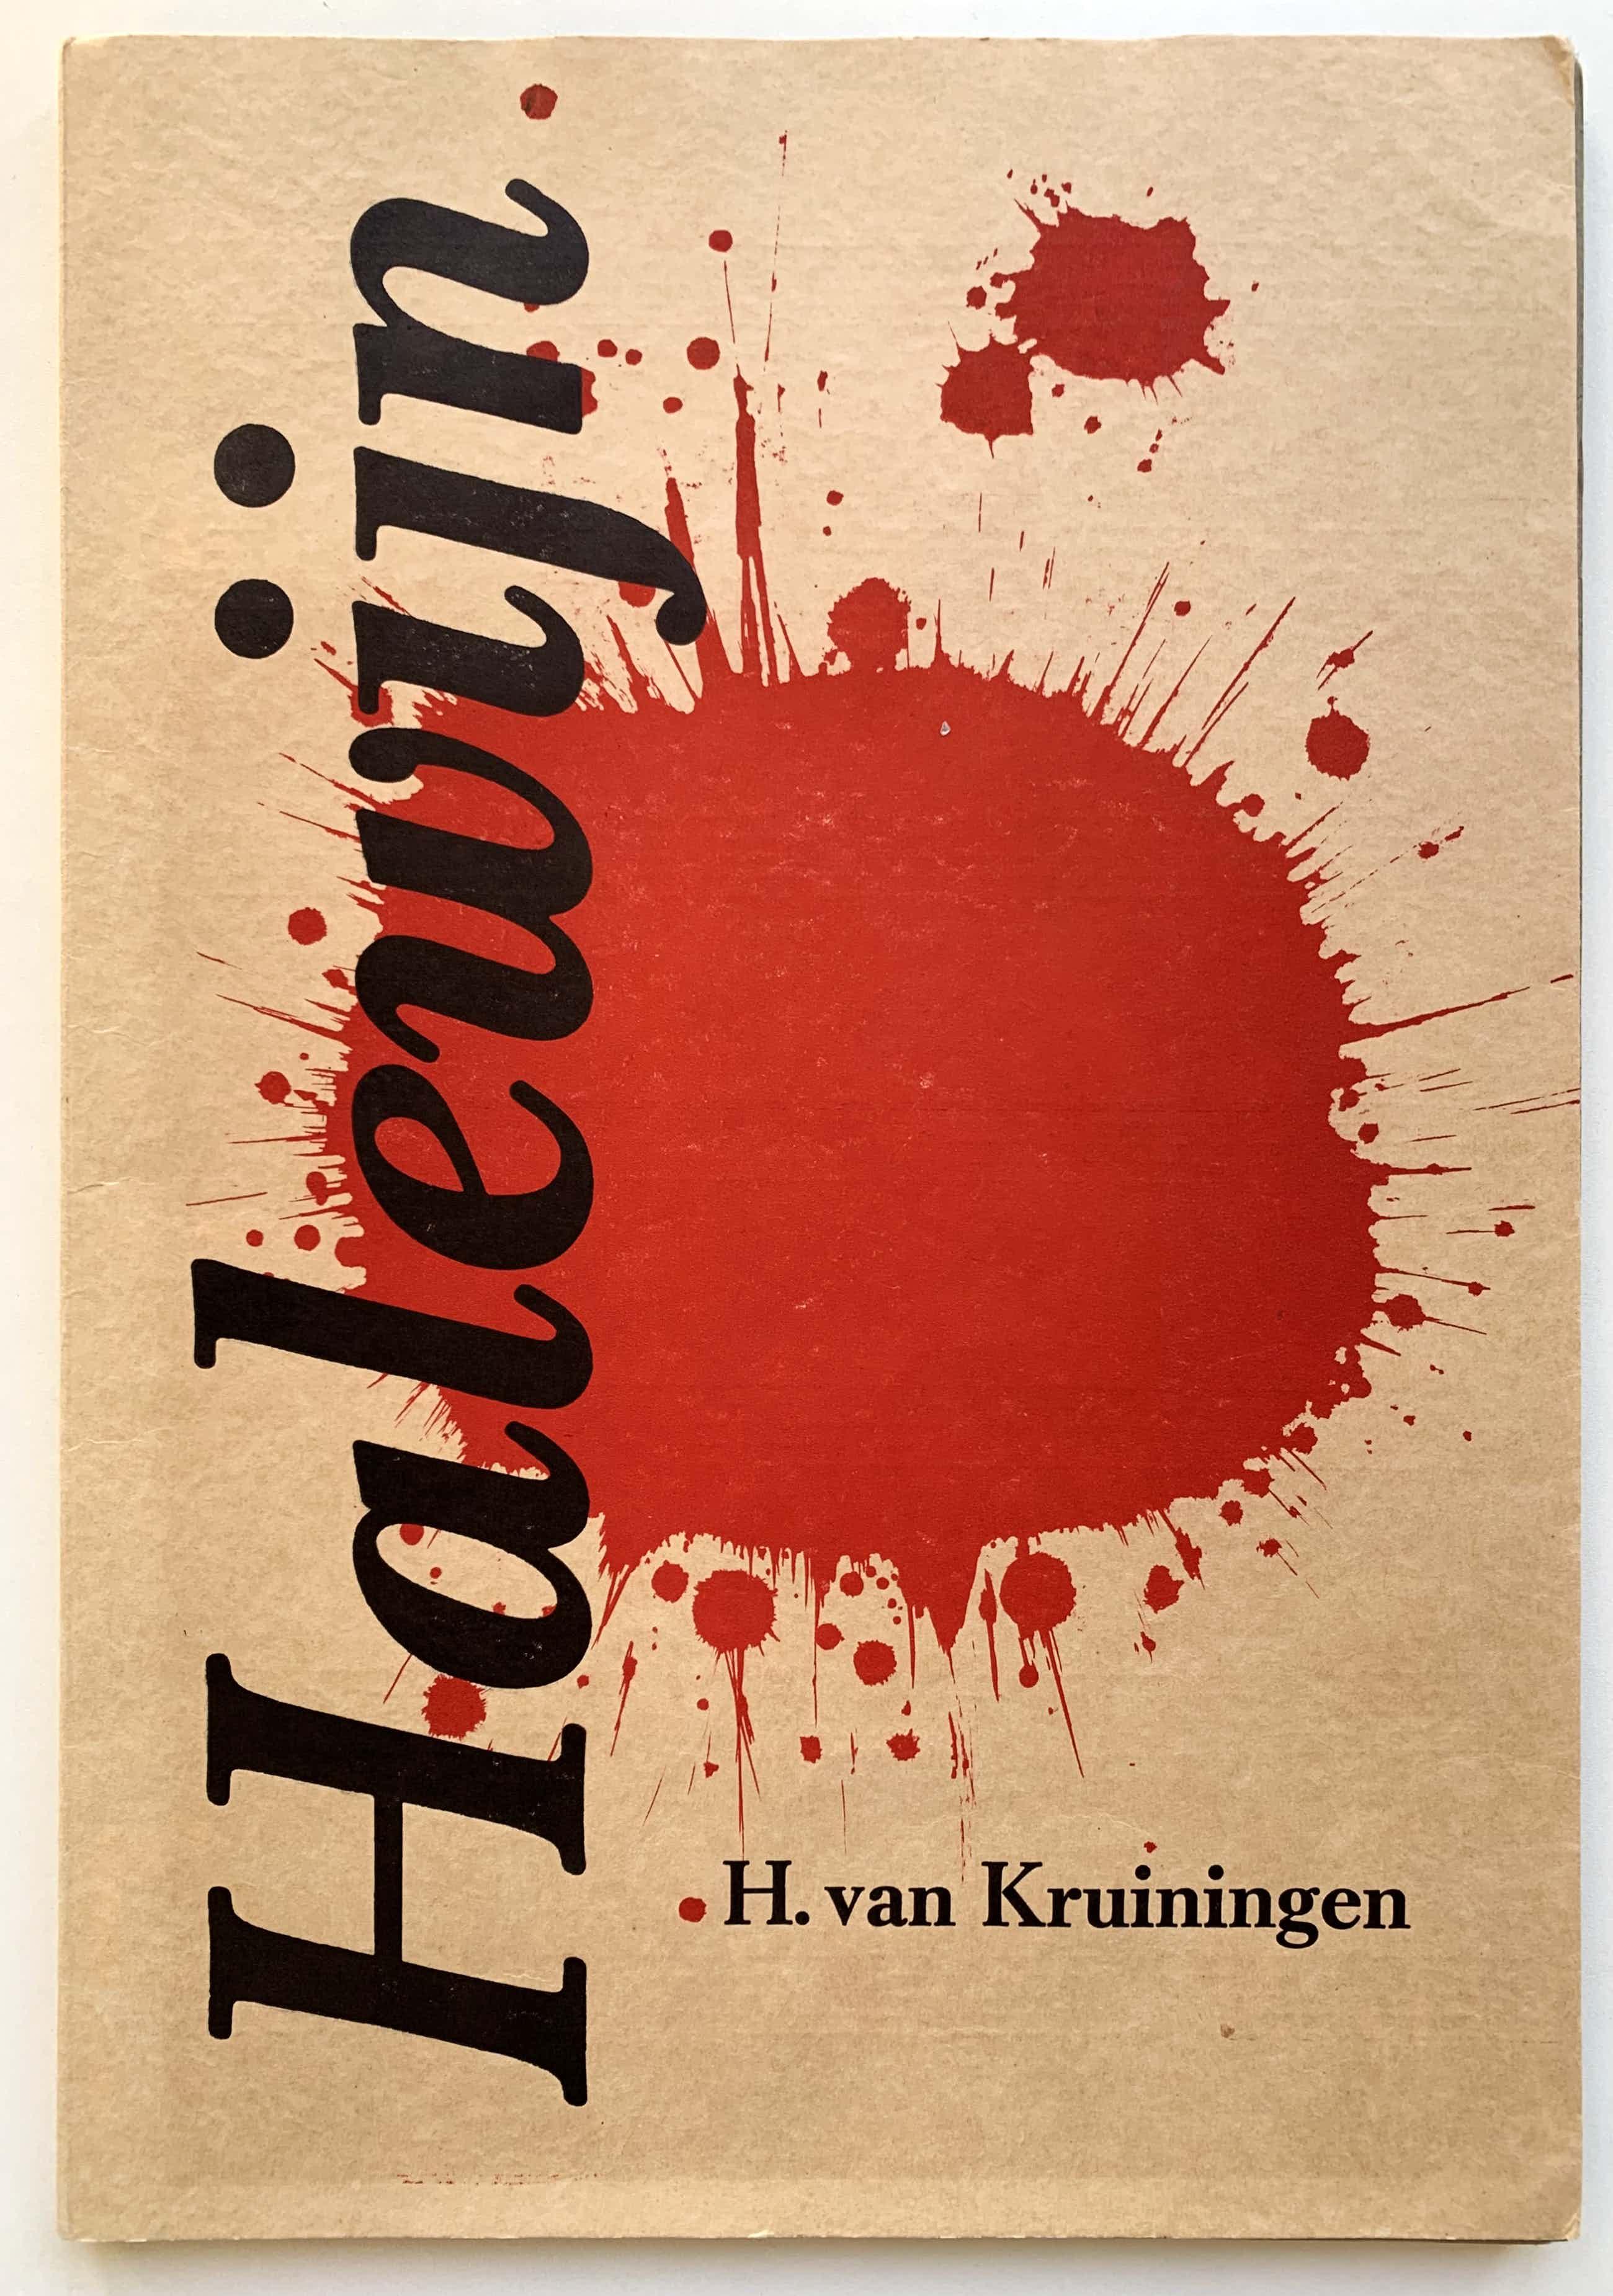 Harry van Kruiningen - Complete portfolio met 8 kleurenlitho's   'Halewijn'   1956 kopen? Bied vanaf 325!